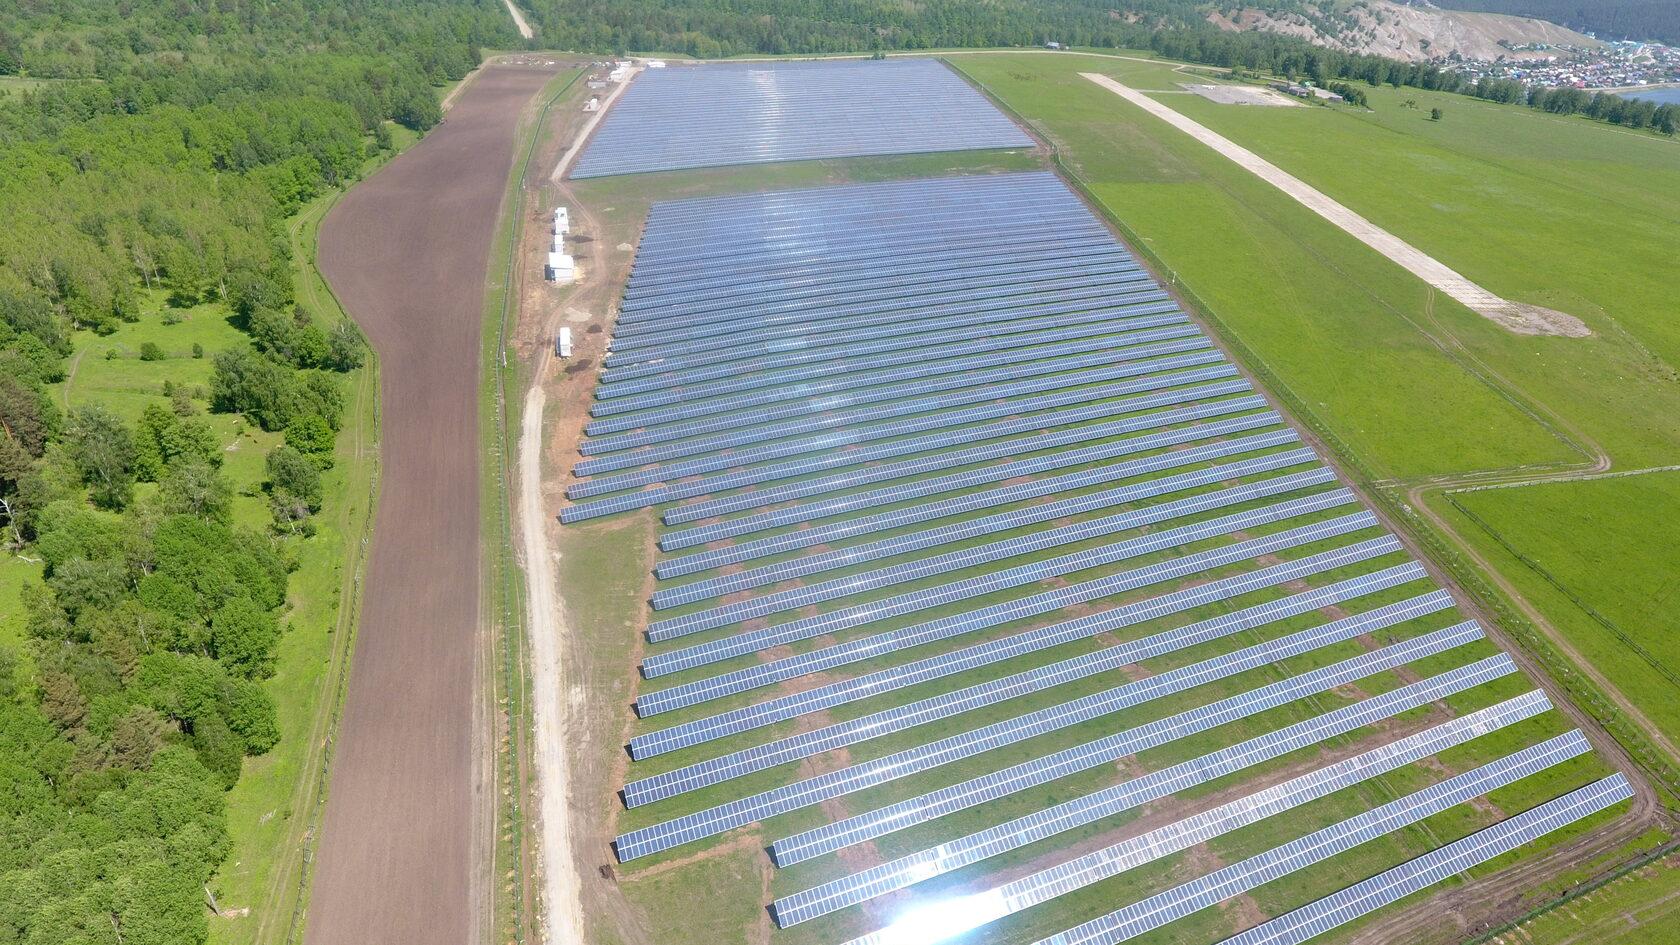 Системы накопления электроэнергии на Бурзянской СЭС обеспечат рекордное резервирование мощности